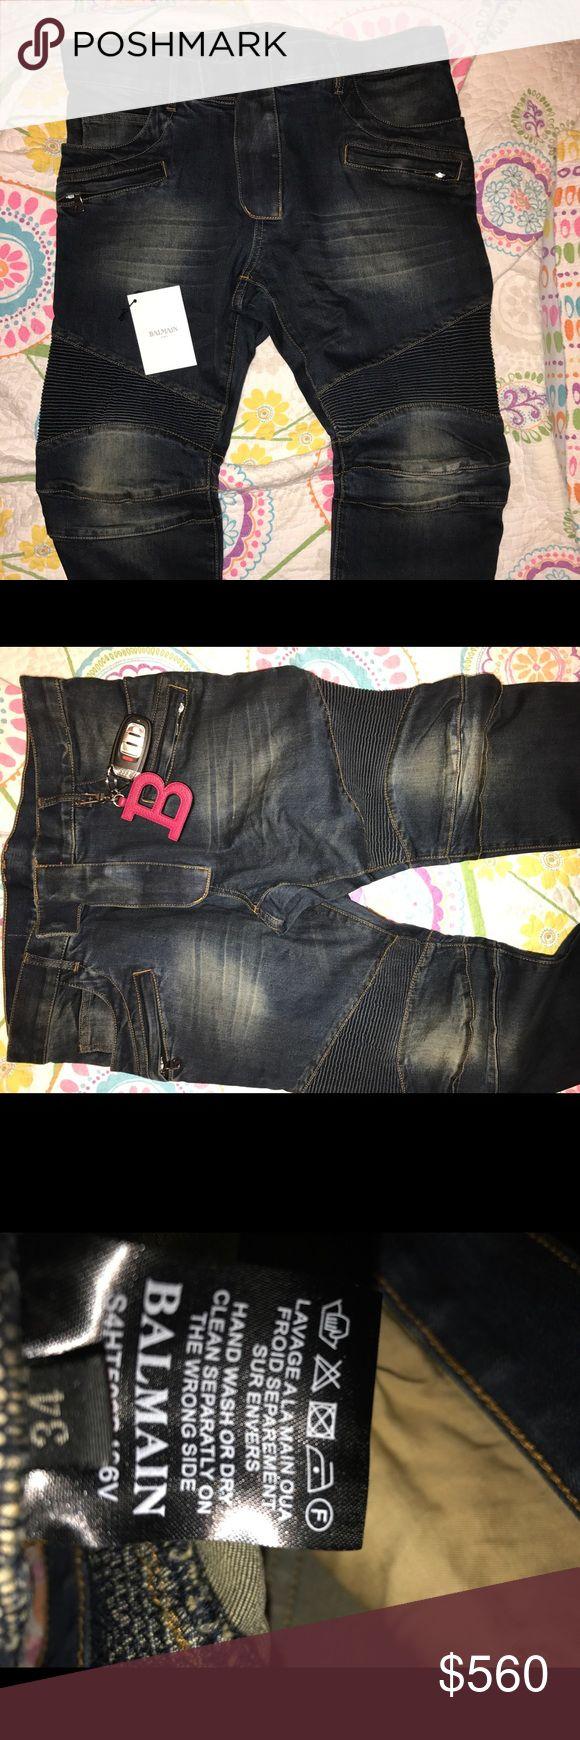 Men Balmain Jeans Men Balmain Jeans SLIM SKINNY Balmain Jeans Slim